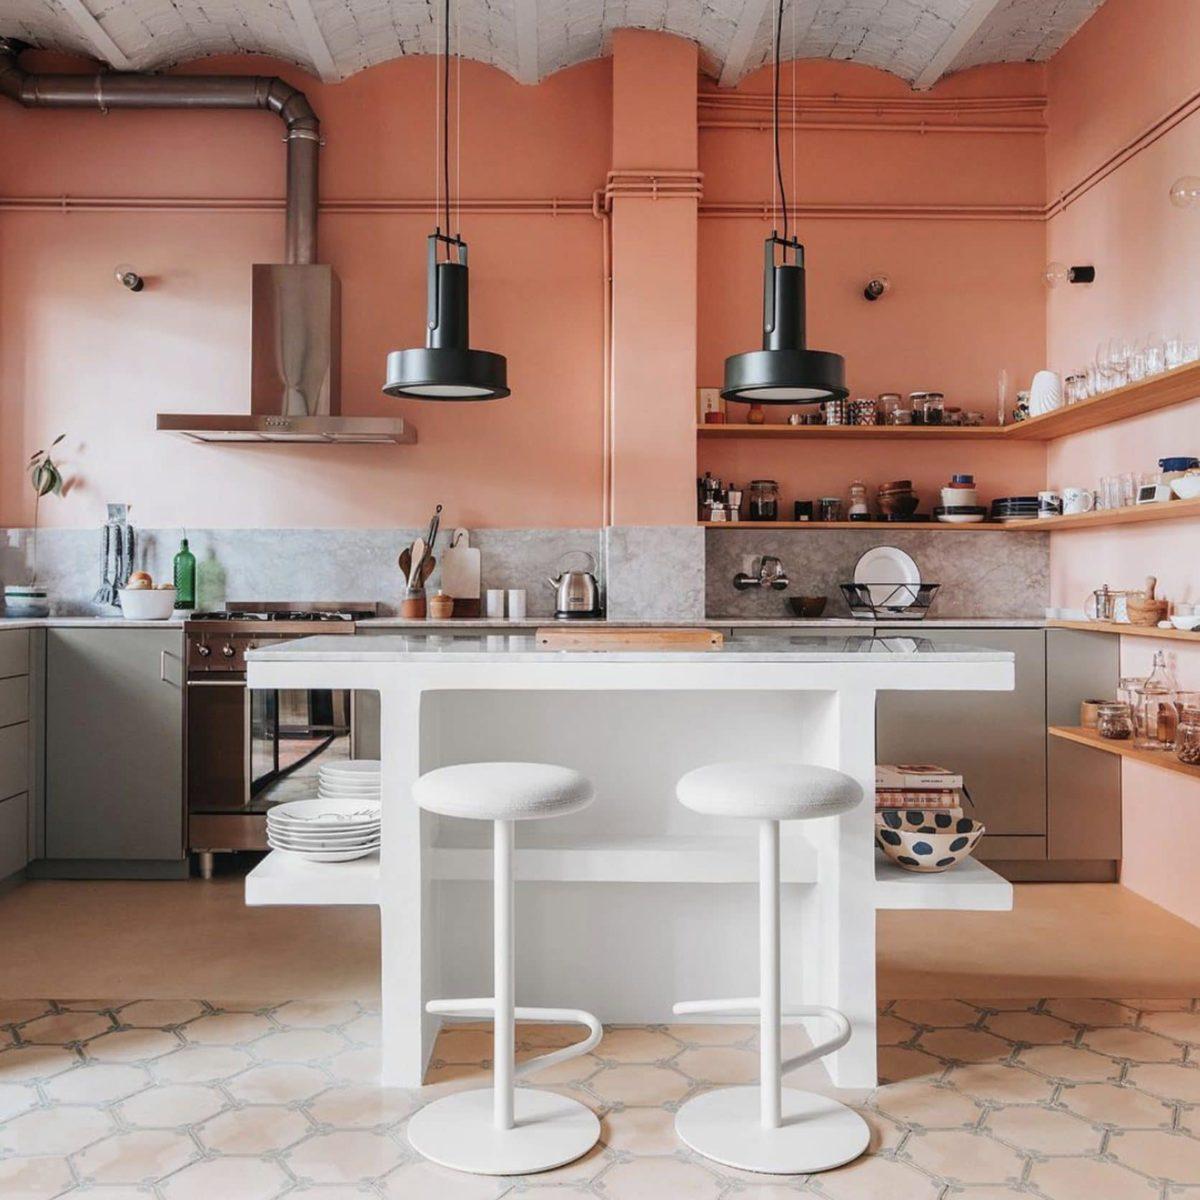 cucina-color-aragosta-moderna